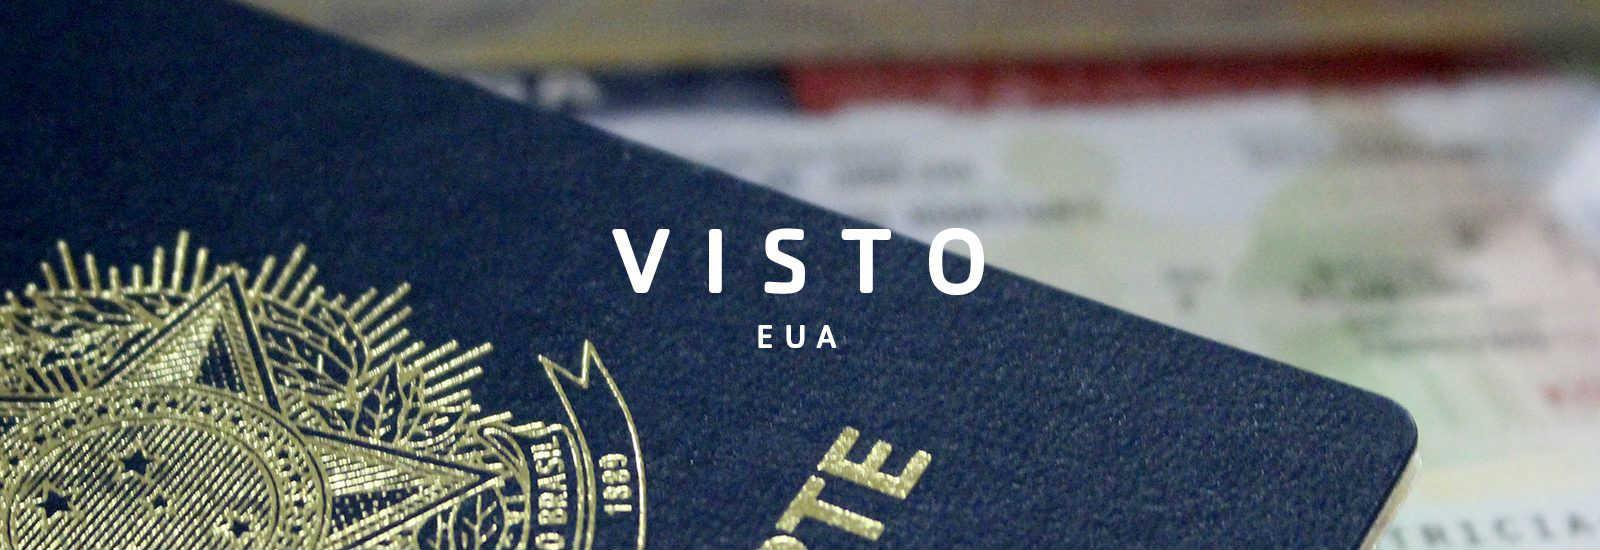 banner intercambio viagens internacional USA assessoria vistos embaixada exterior jovens Belo horizonte agencia ed - High School